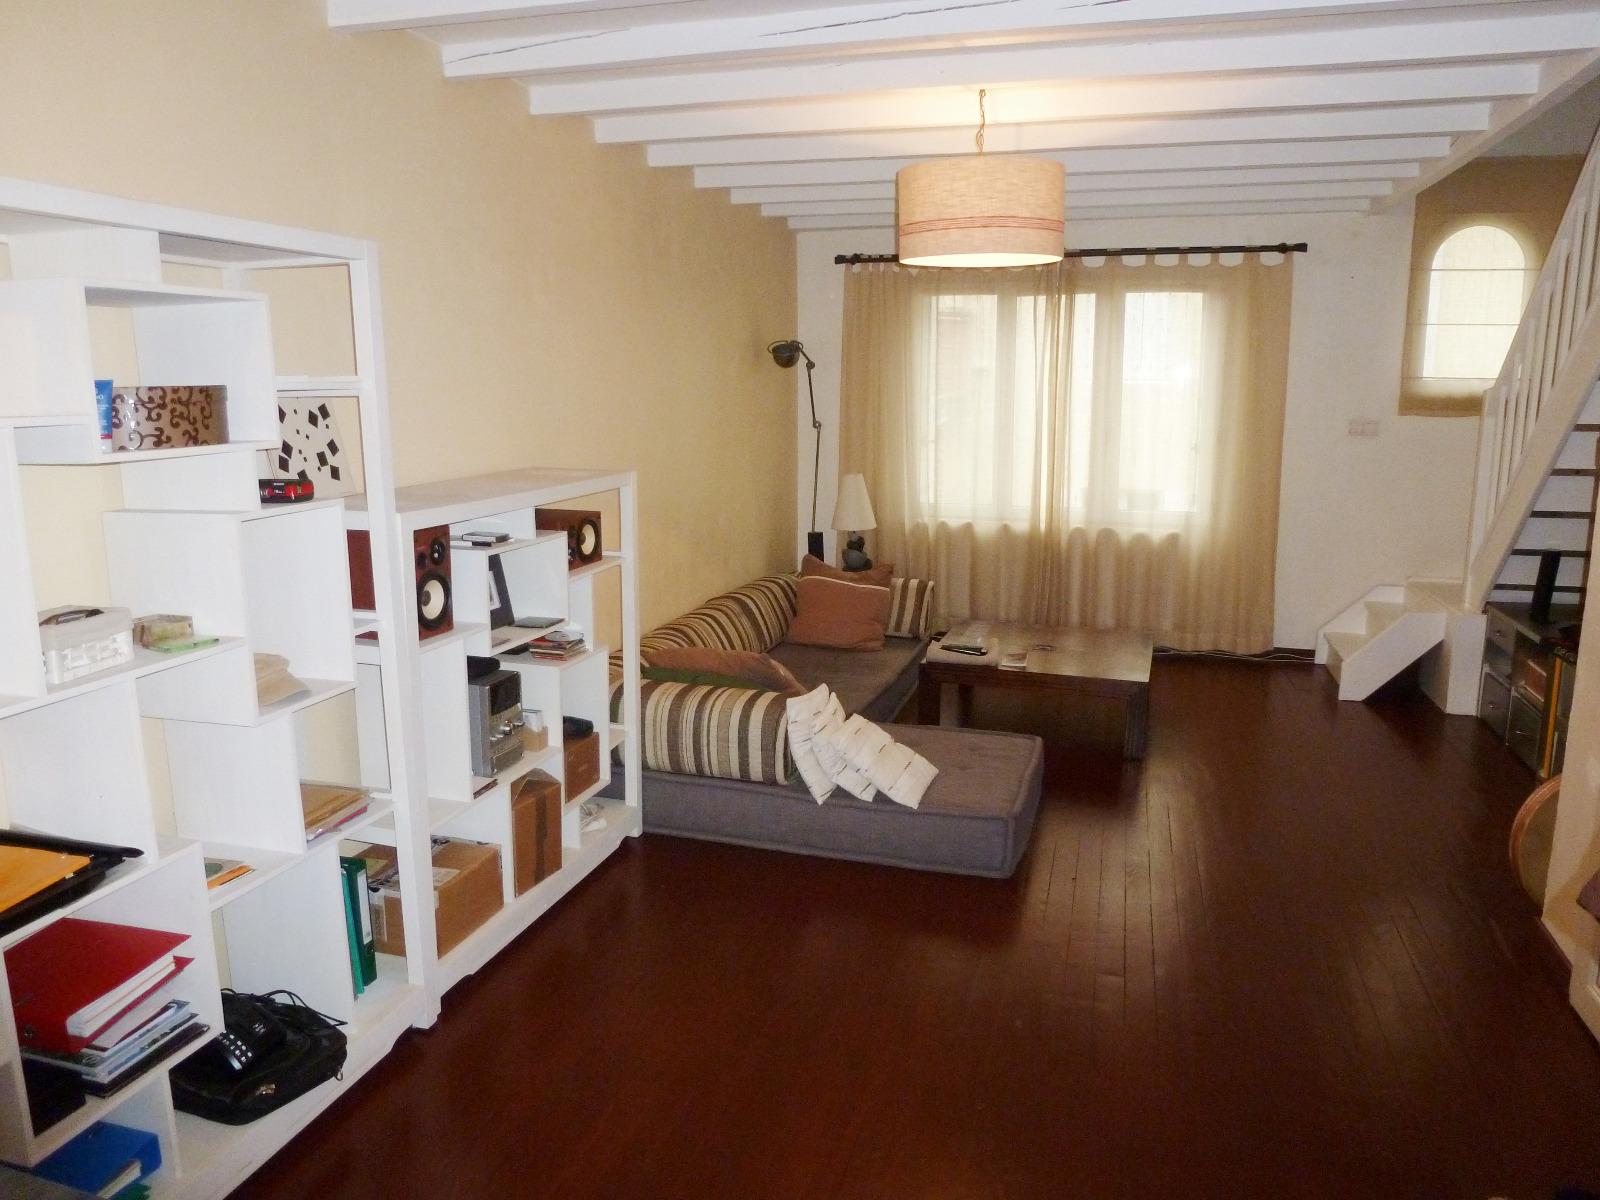 Pau centre ville atypique t4 duplex garage et cour priv e for Duplex appartement atypique